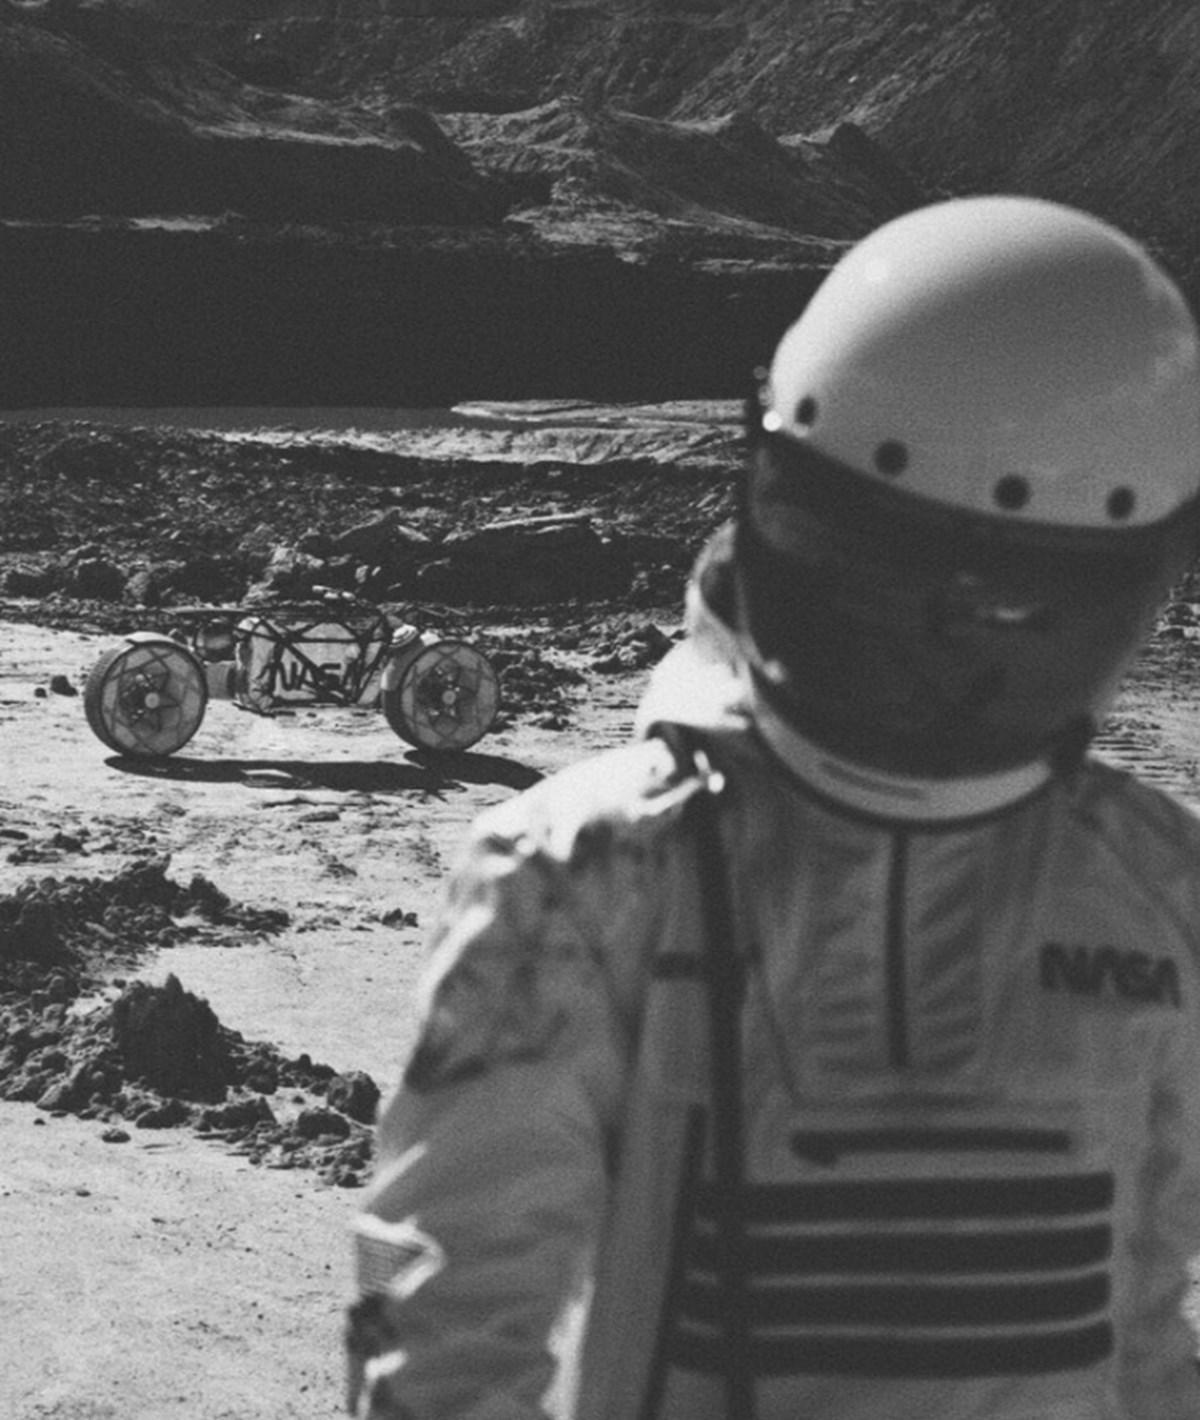 Astronotların diğer gezegenlerde kullanması için motosiklet tasarlandı